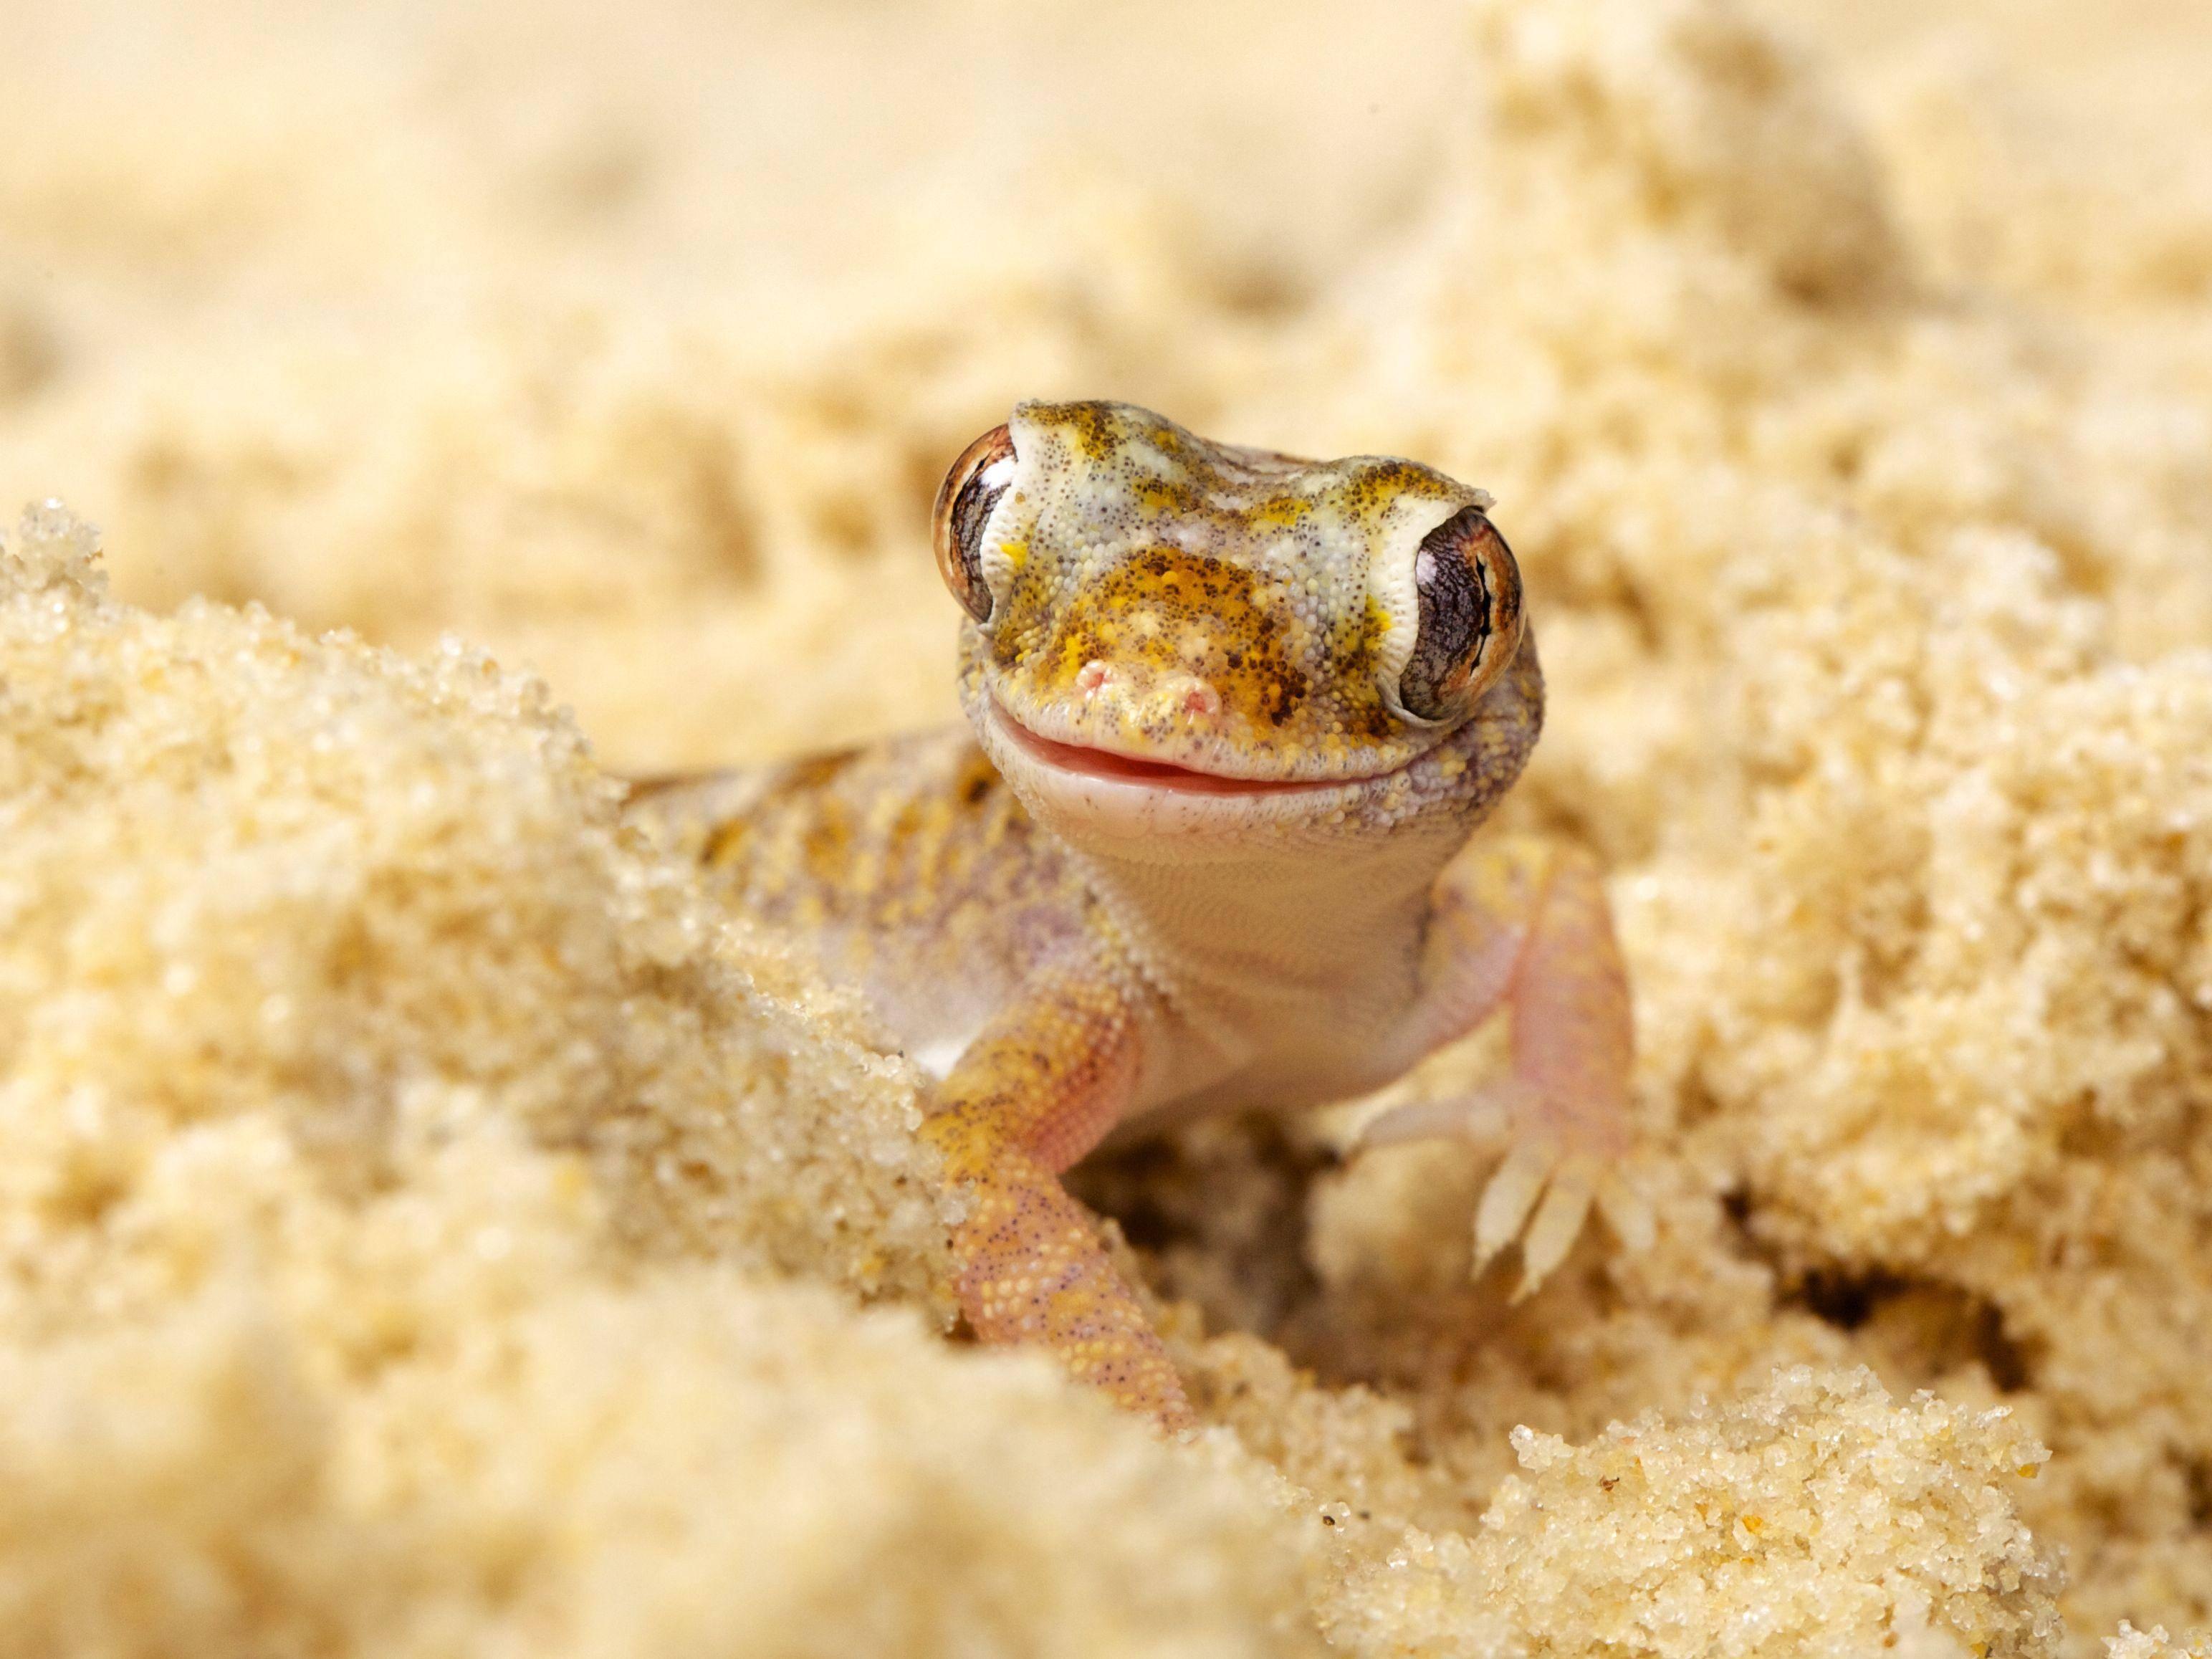 Dünnfingergecko beim Sandbad: Kaum zu sehen